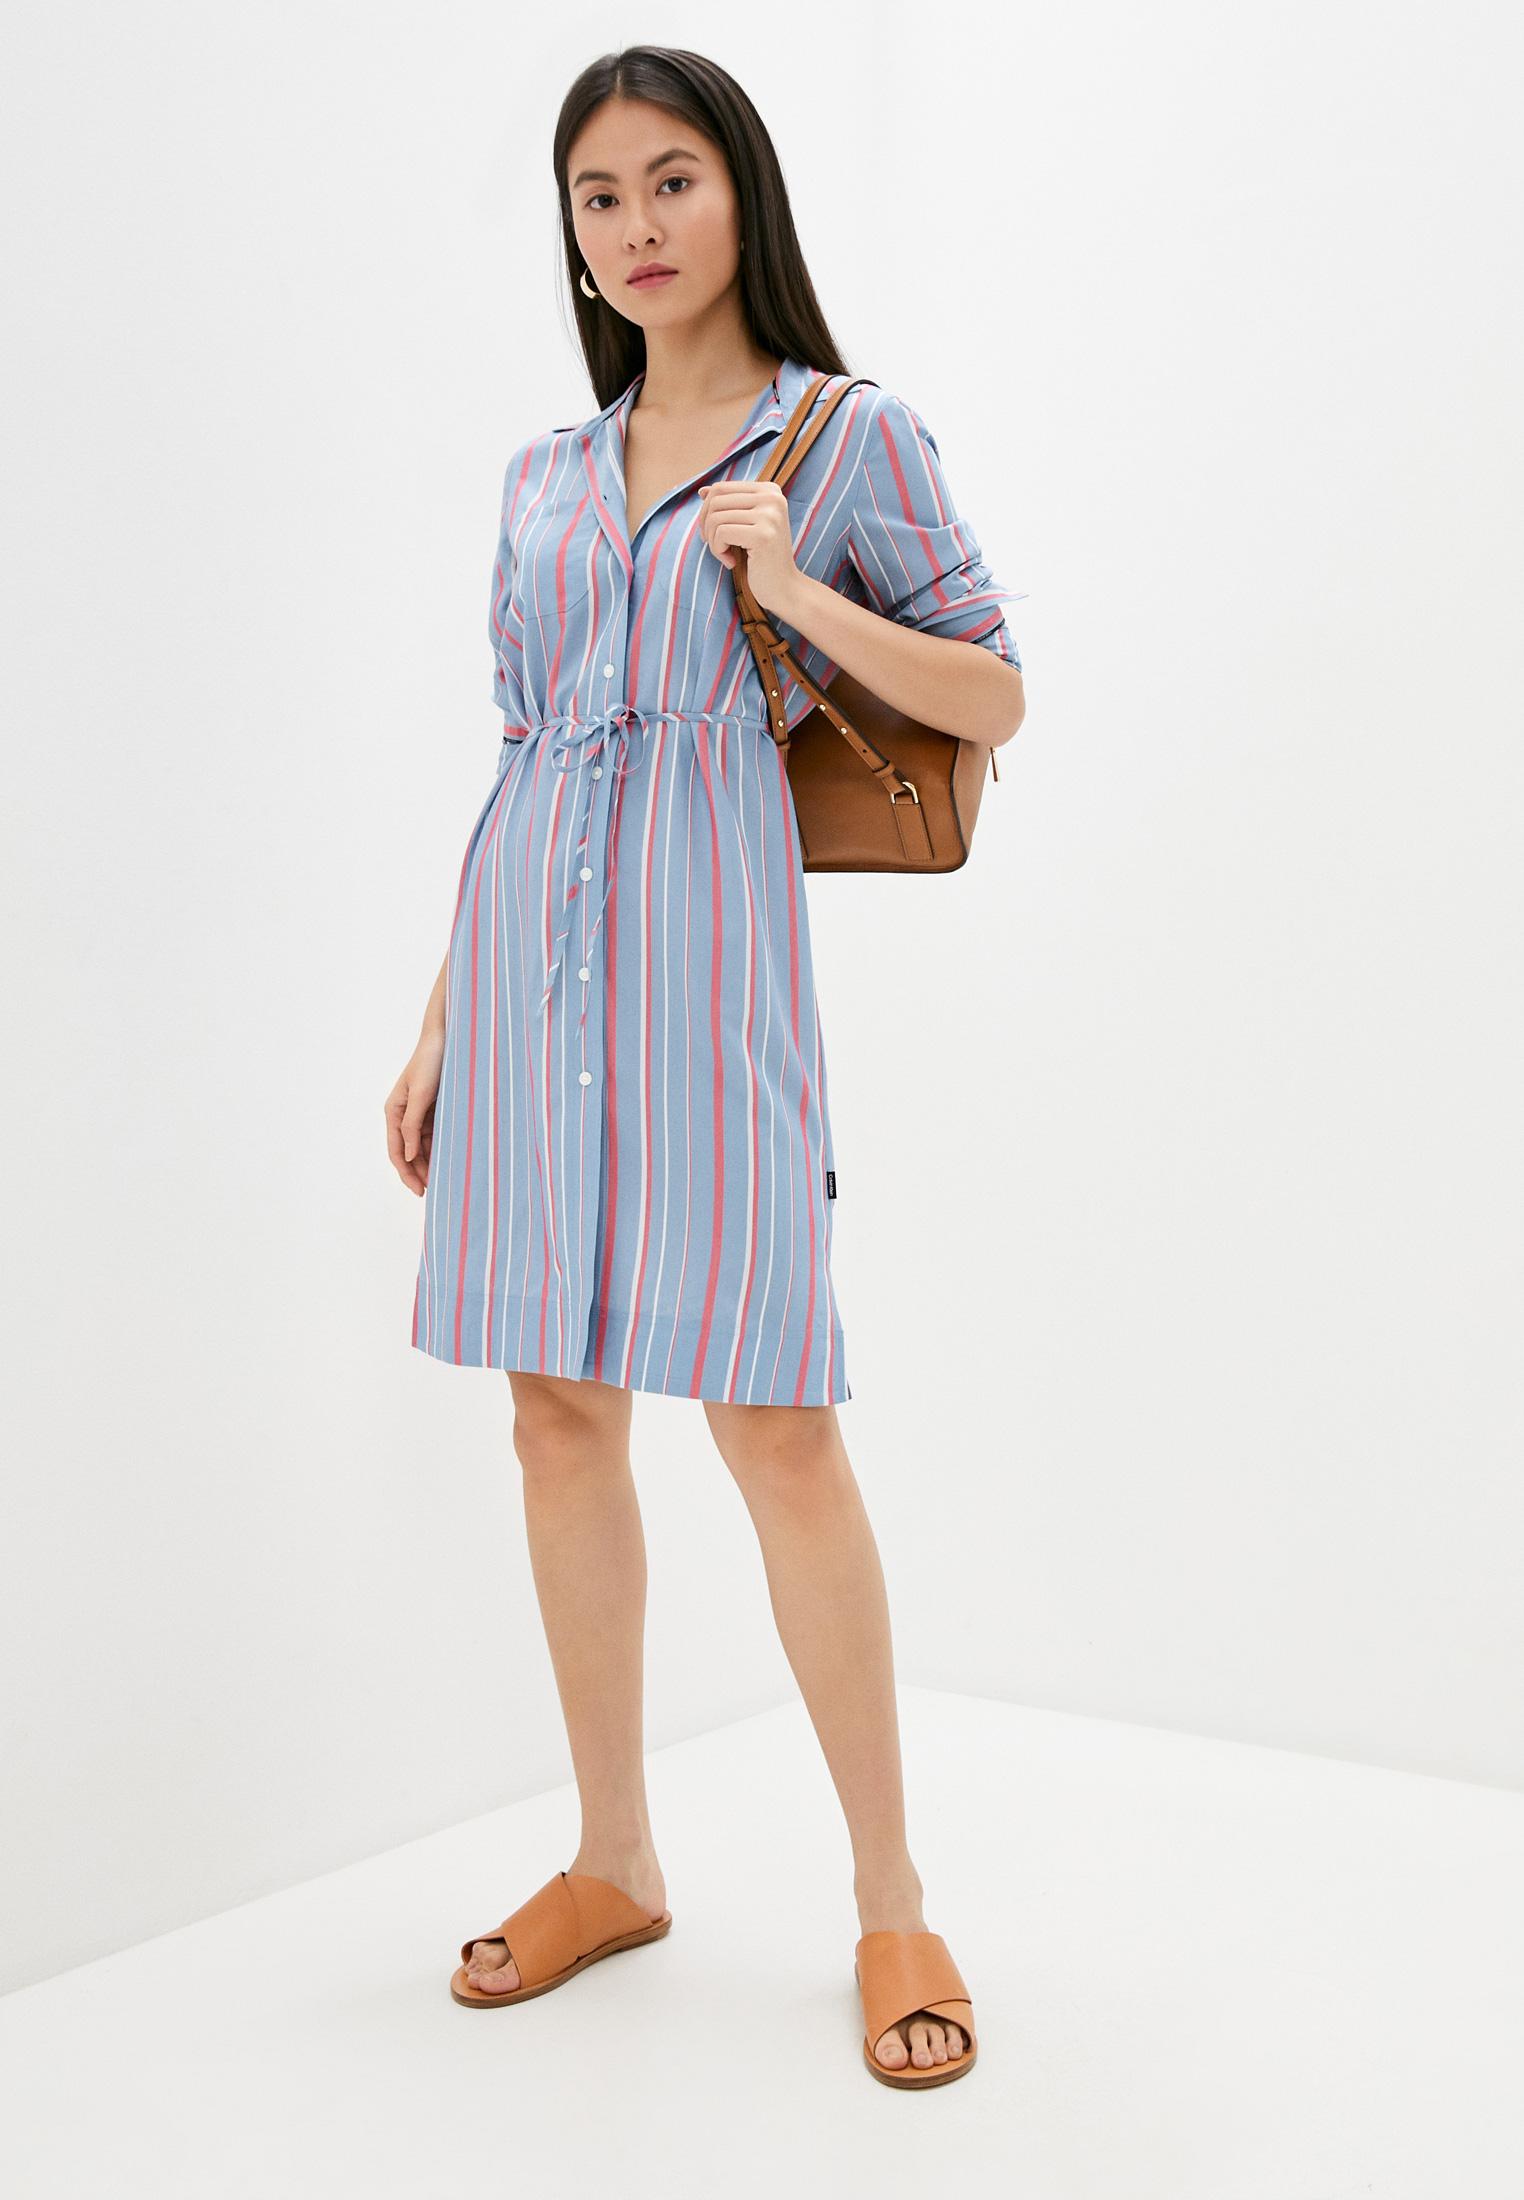 Повседневное платье Calvin Klein (Кельвин Кляйн) K20k201899: изображение 2